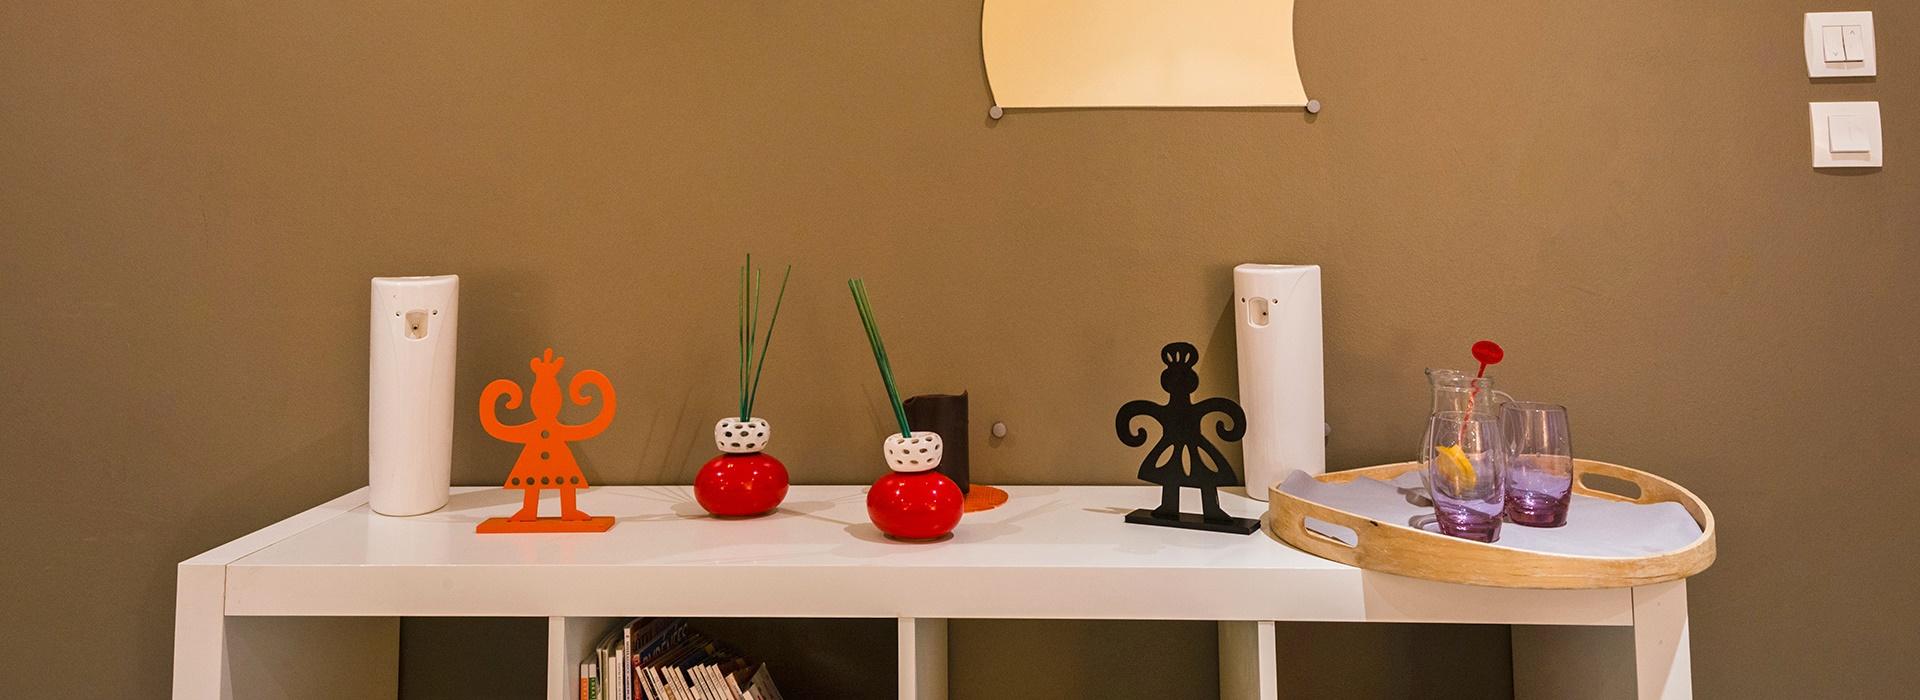 Présentoir avec des objets sympathiques au jacuzzi de l'hôtel le Chalet à Ax les Thermes